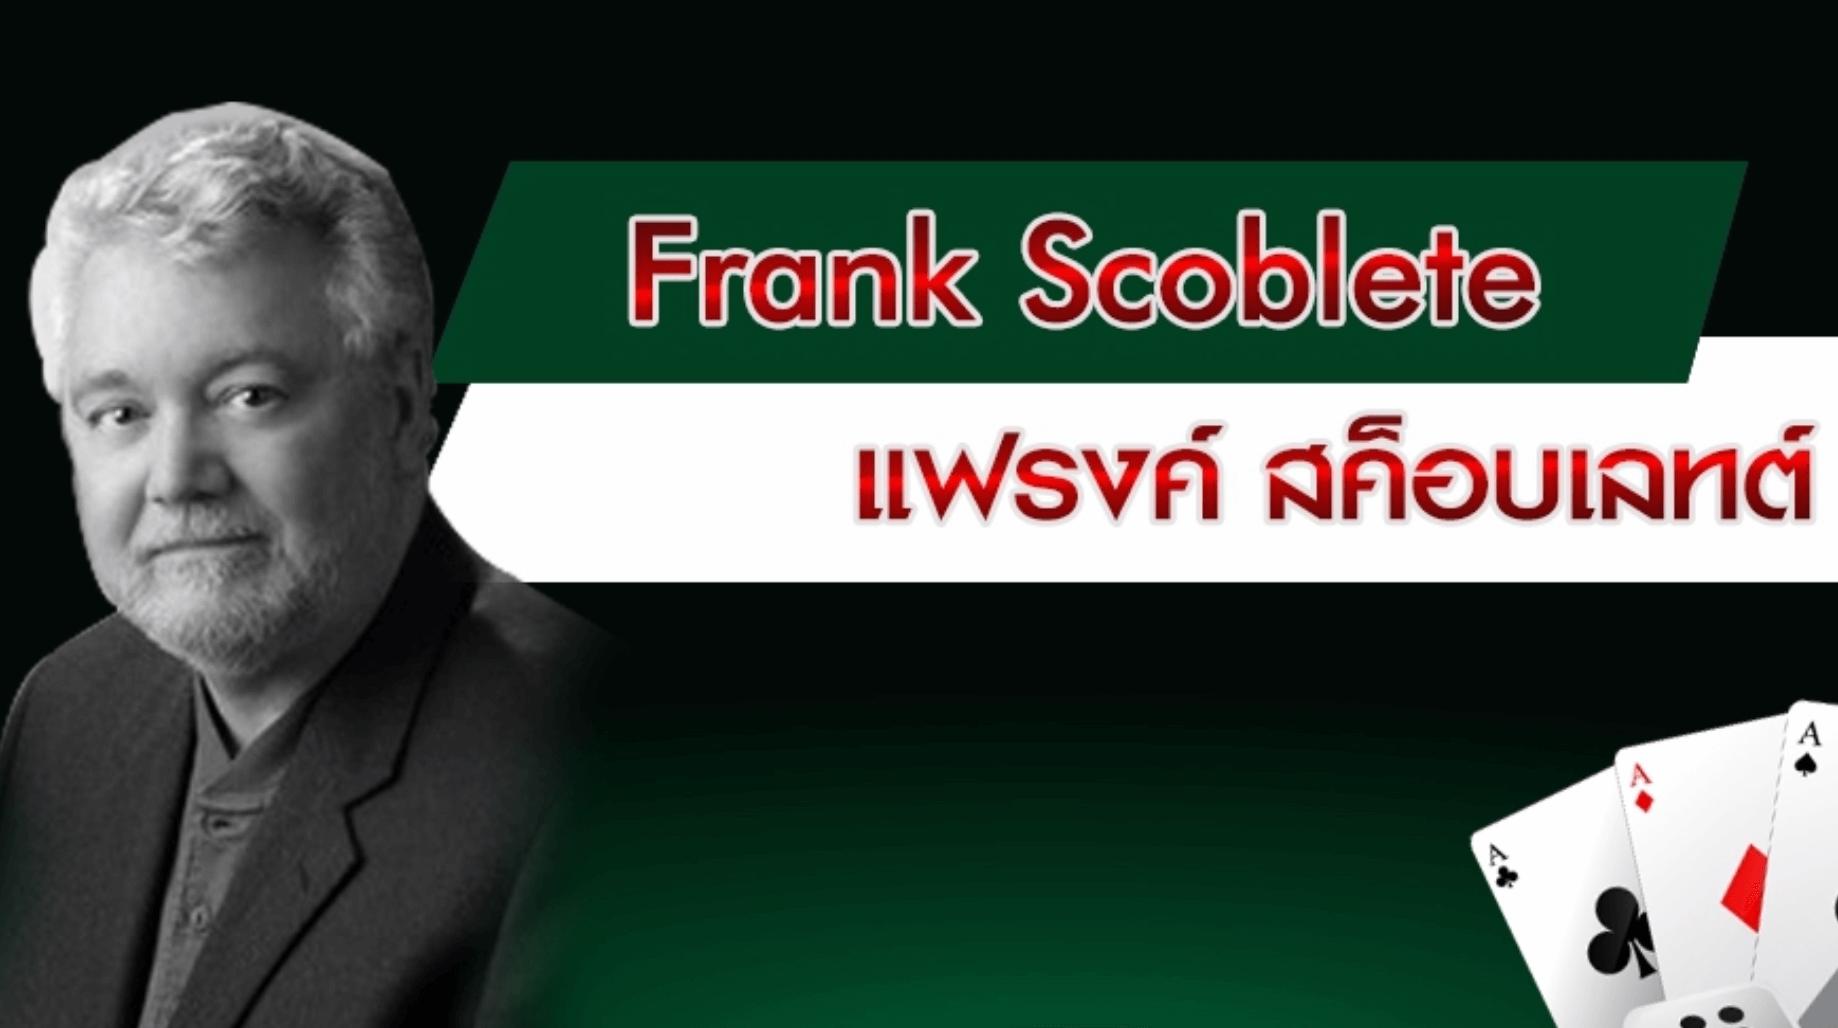 เซียนบาคาร่า แฟรงค์ สค็อบเลทต์ (Frank Scoblete)